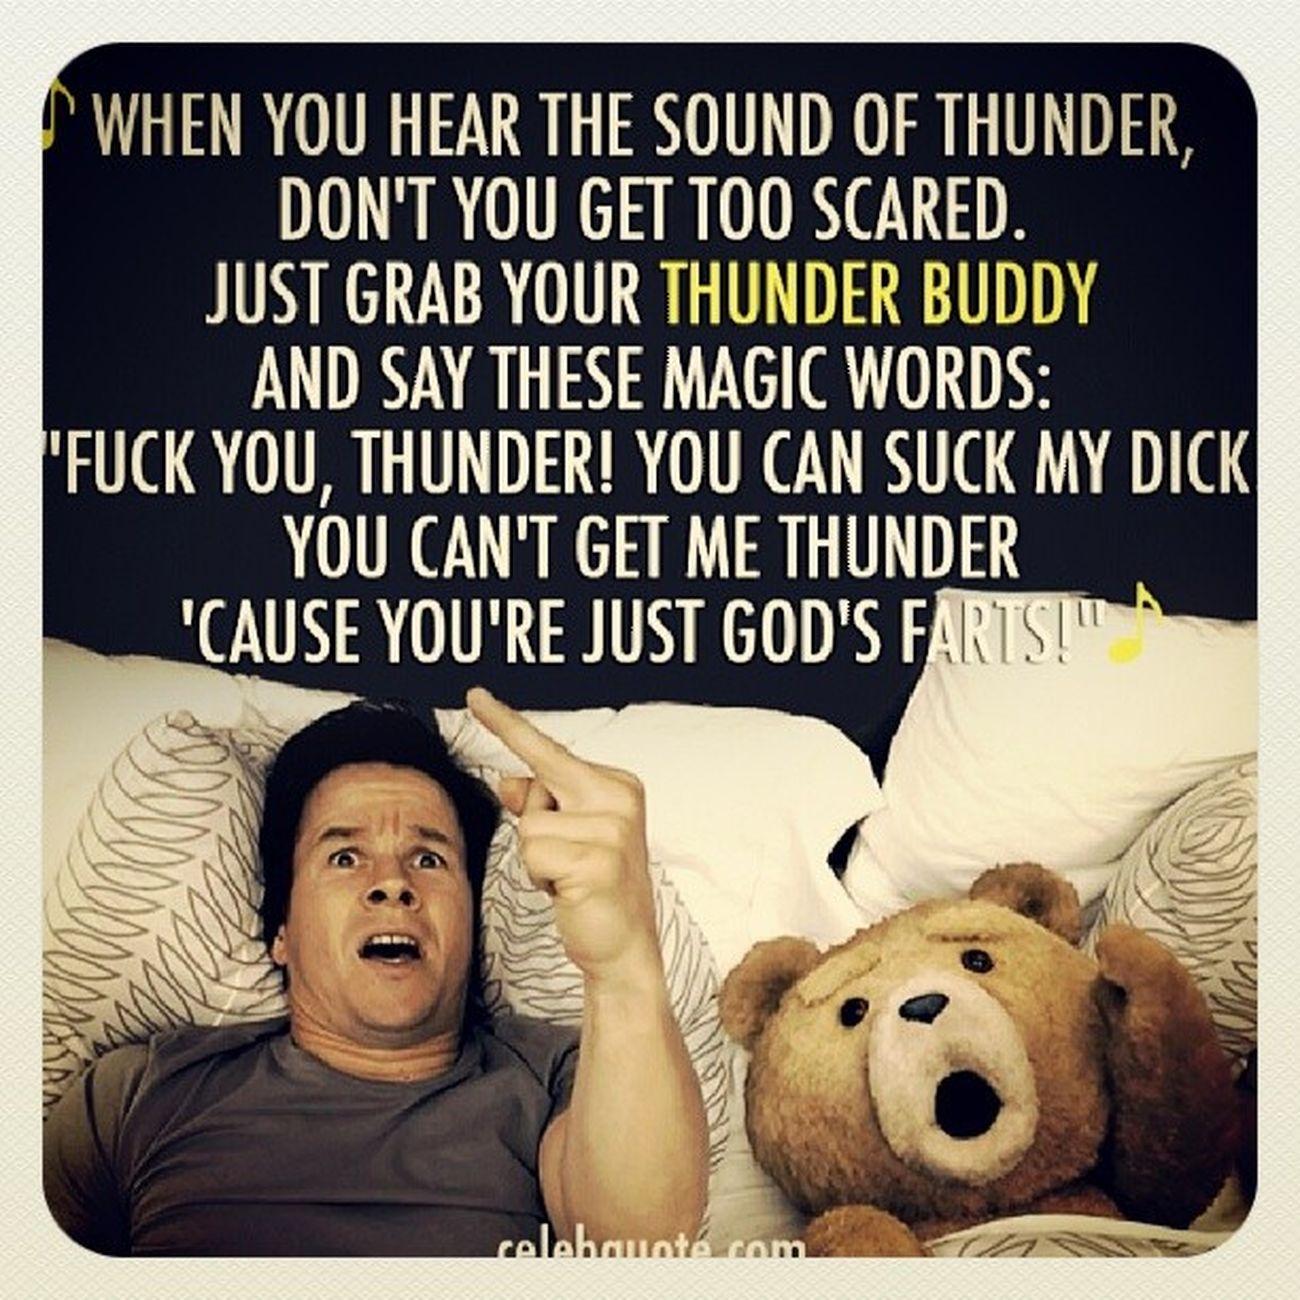 Ted Fuckyouthunder